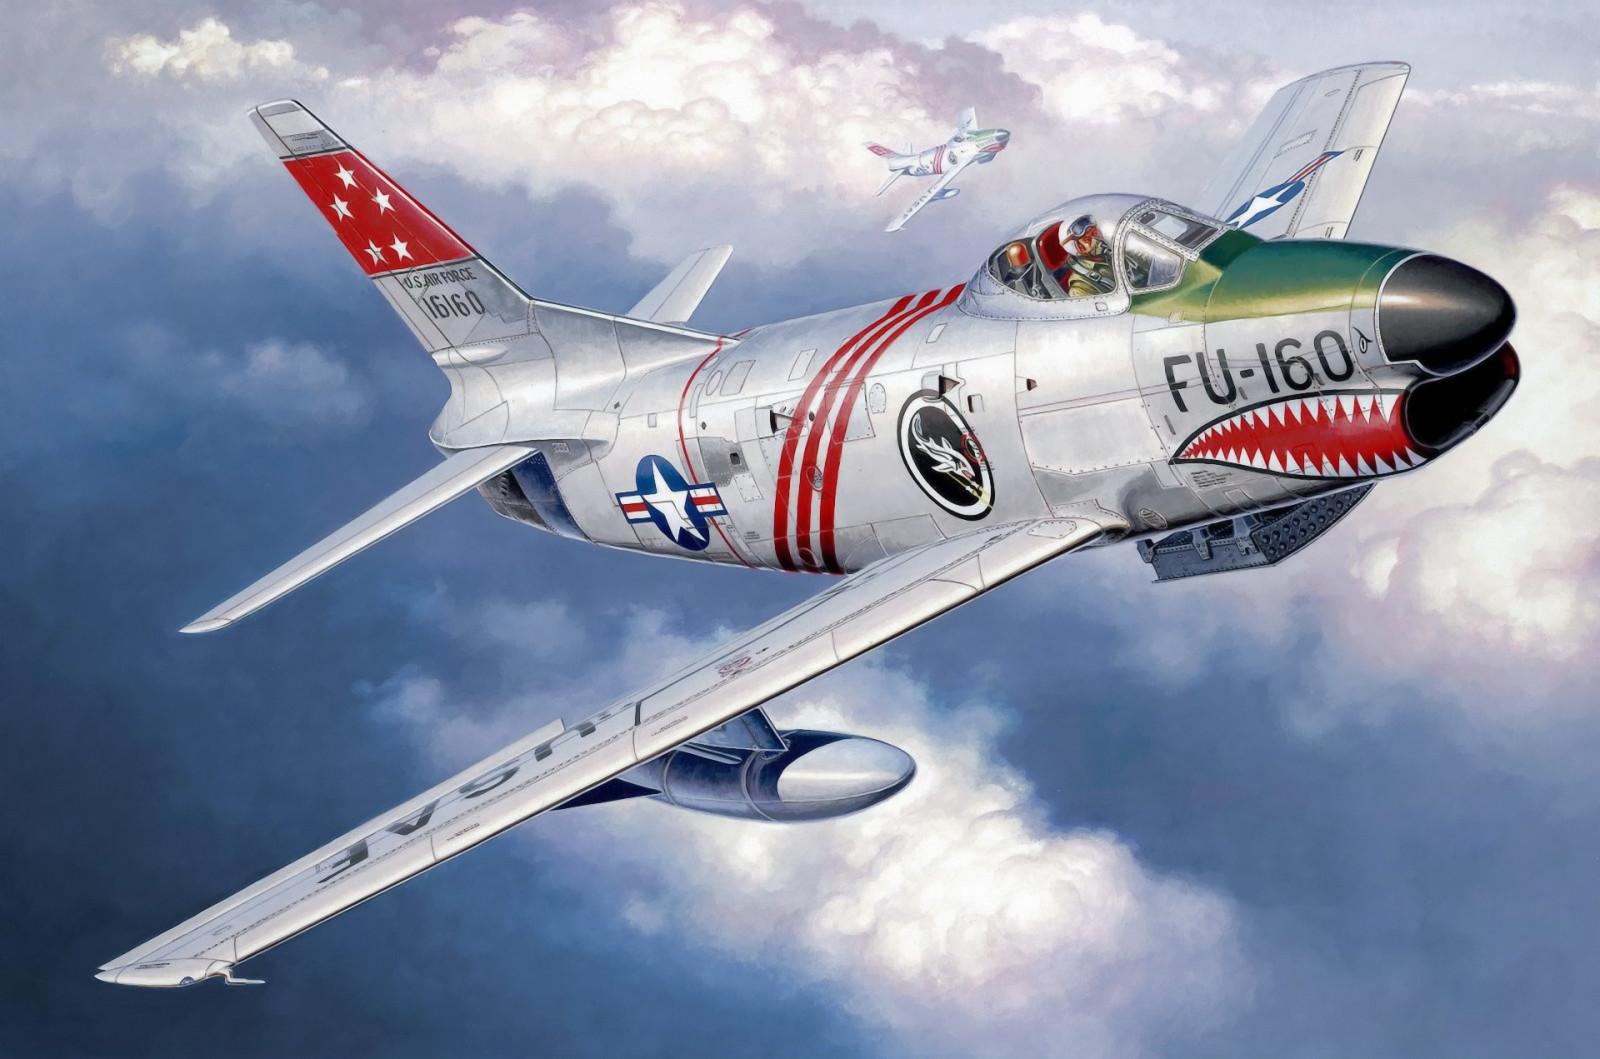 Masaüstü Boyama Araç Resim Uçak Askeri Askeri Uçak Kuzey